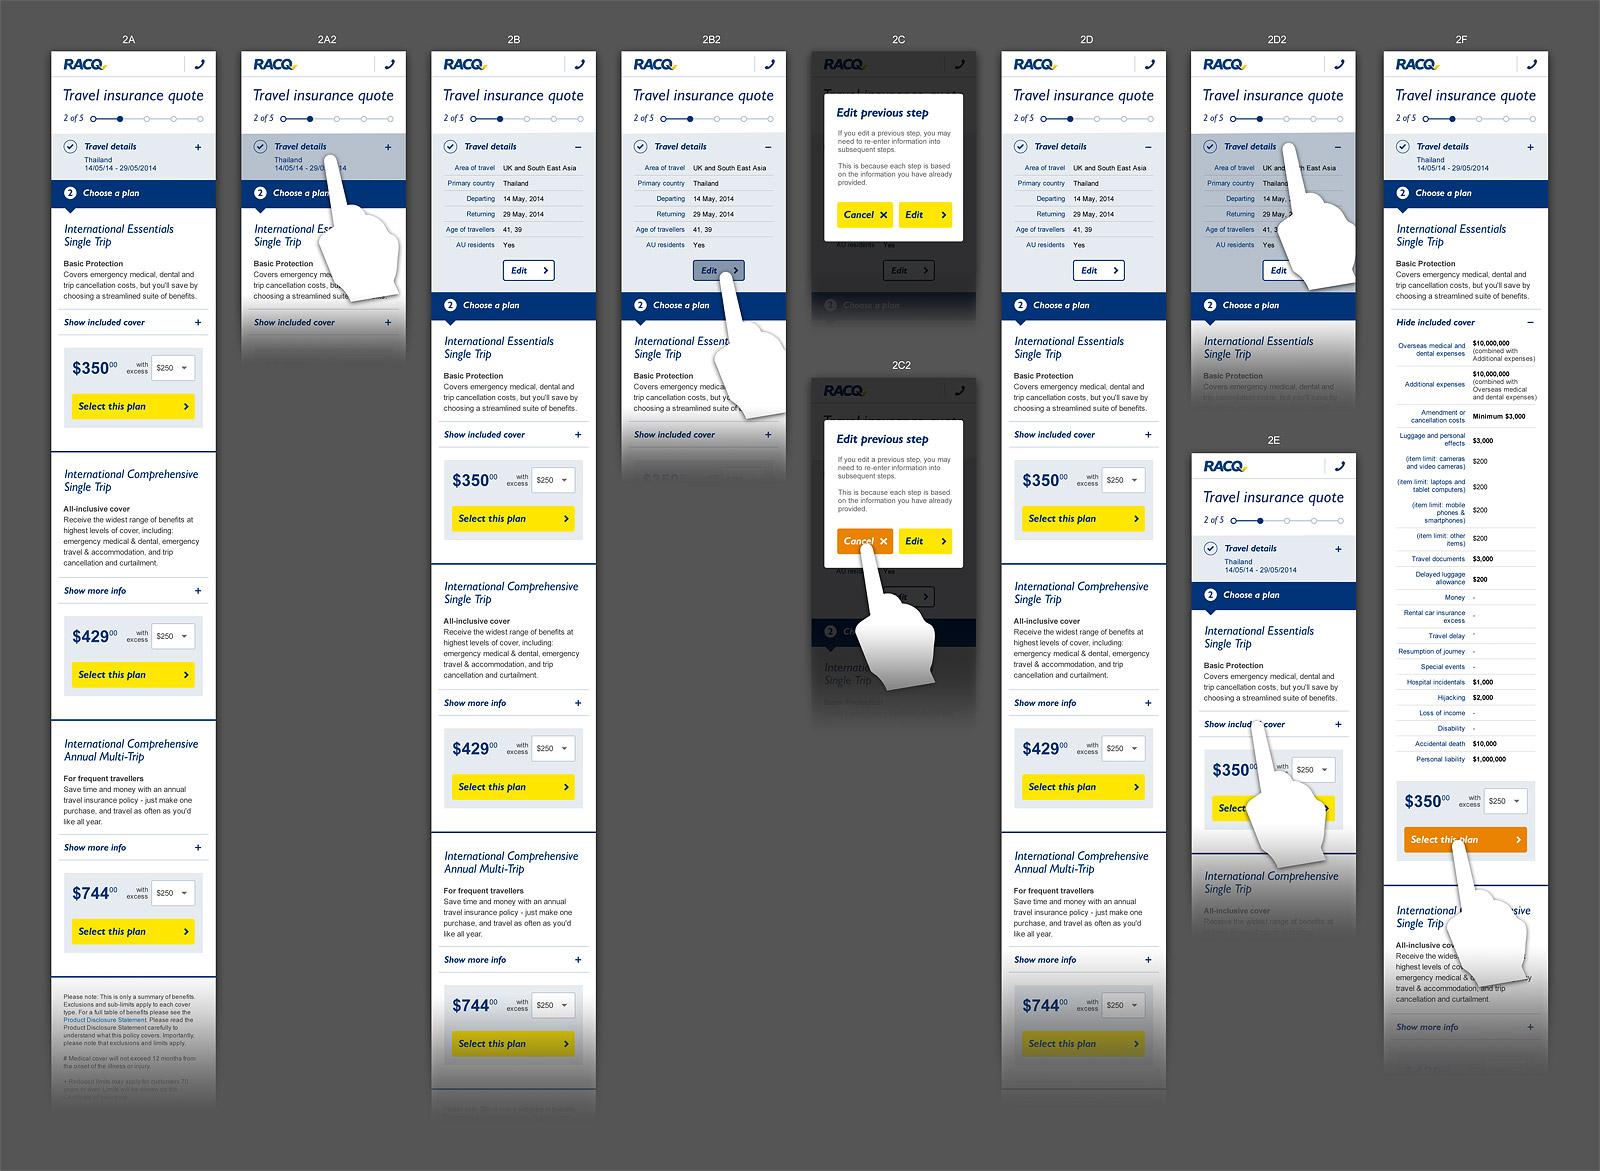 2014-03-covermore-travel-insurance-mobile-v08-wp_step2.jpg